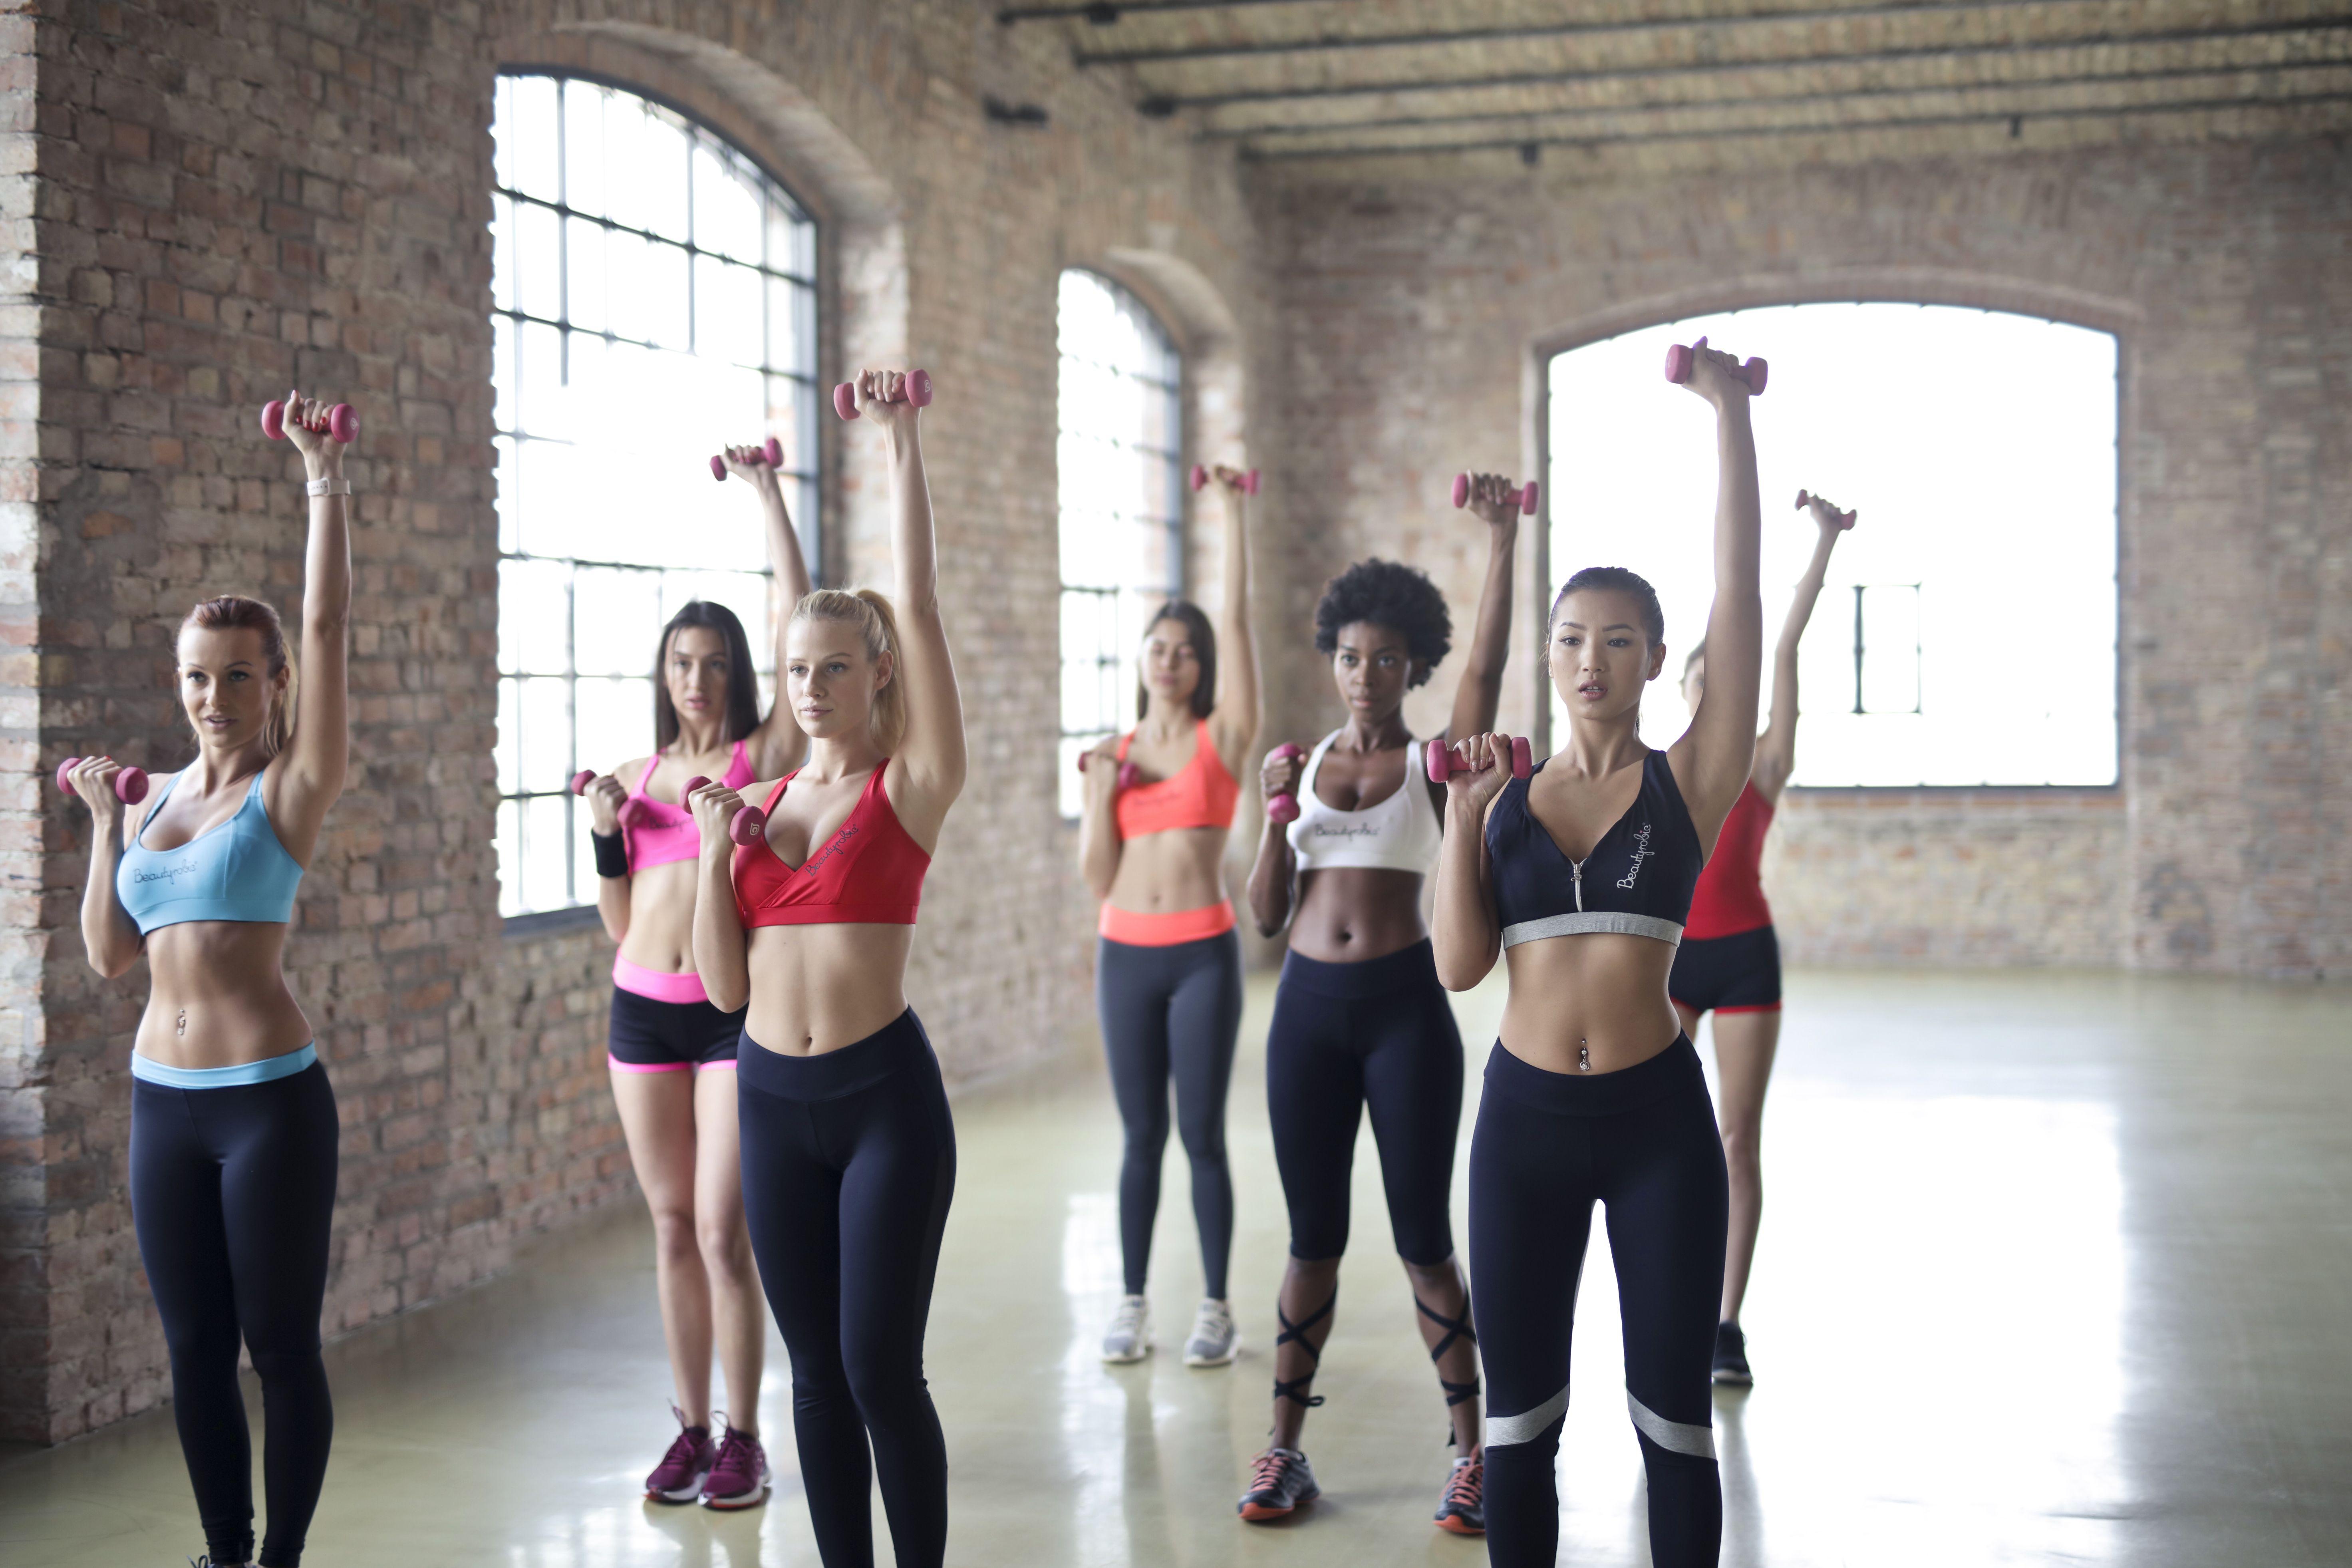 Cours de fitness collectif dans une salle de musculation